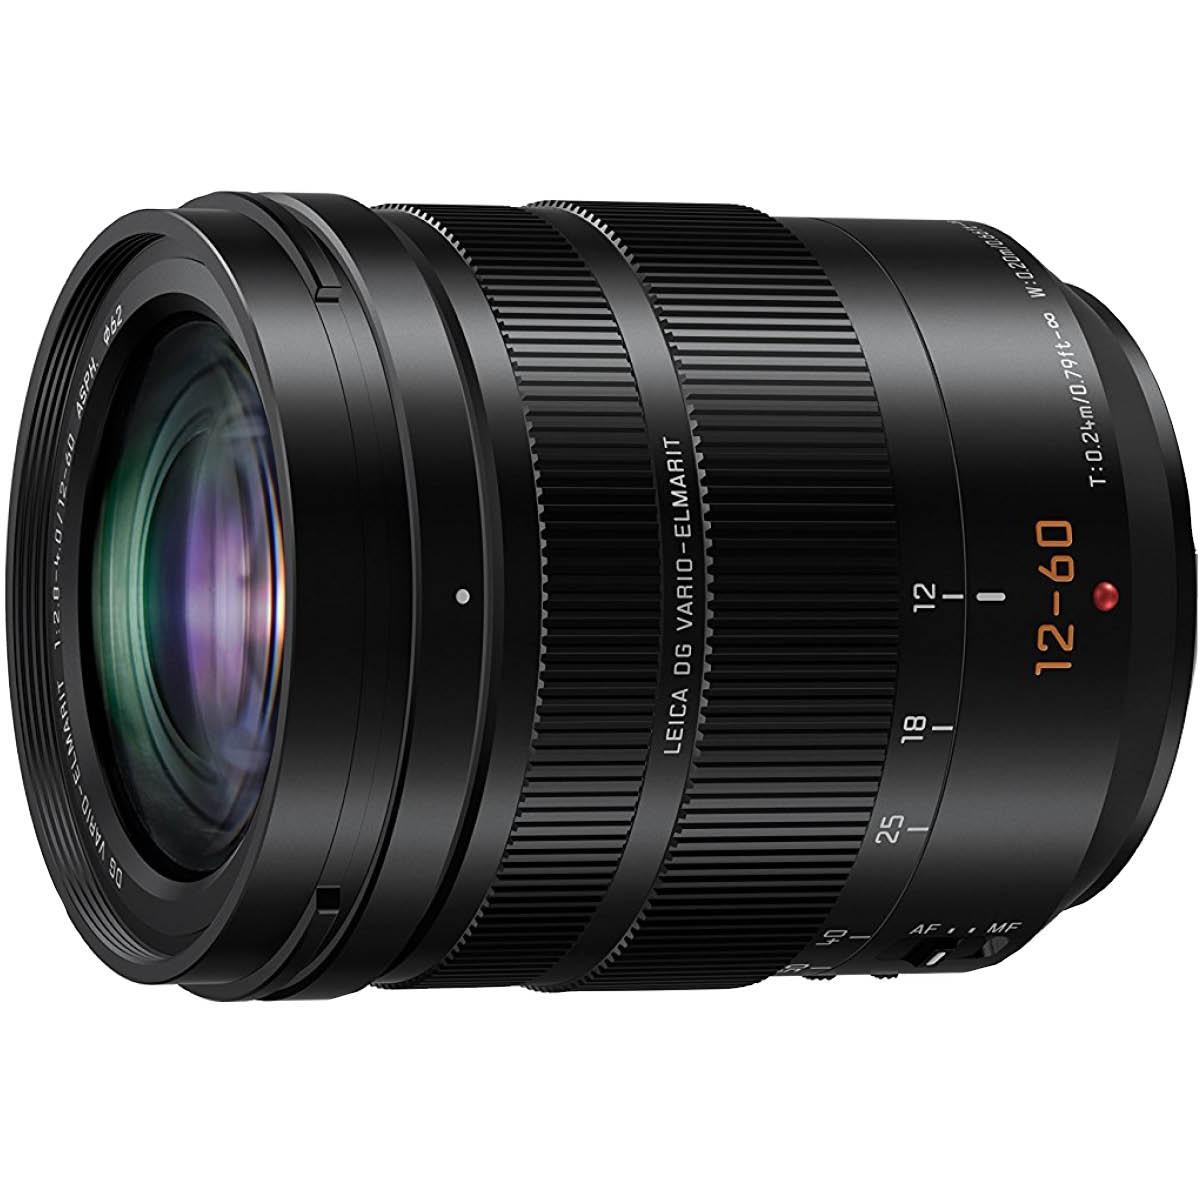 Panasonic 12-60 mm 1:2,8-4,0 Leica Elmarit OIS